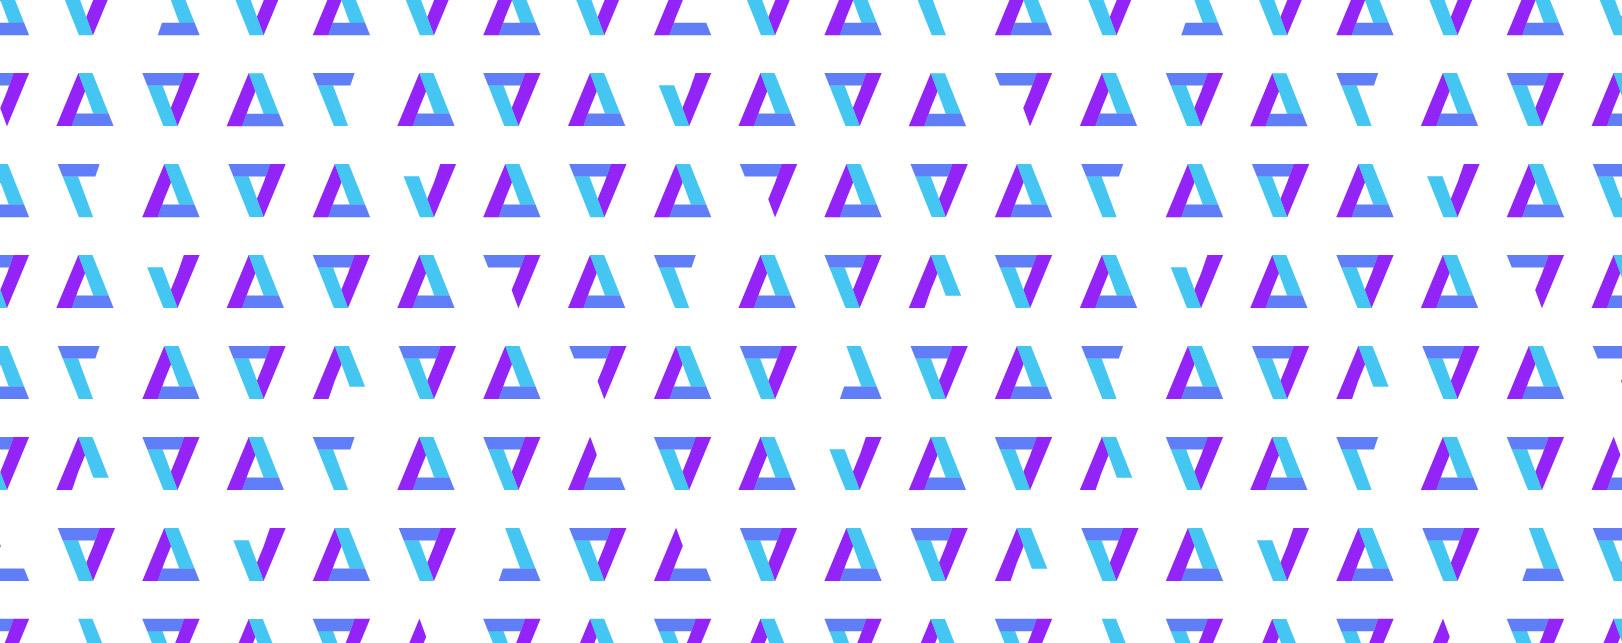 Pattern-variations-03.jpg